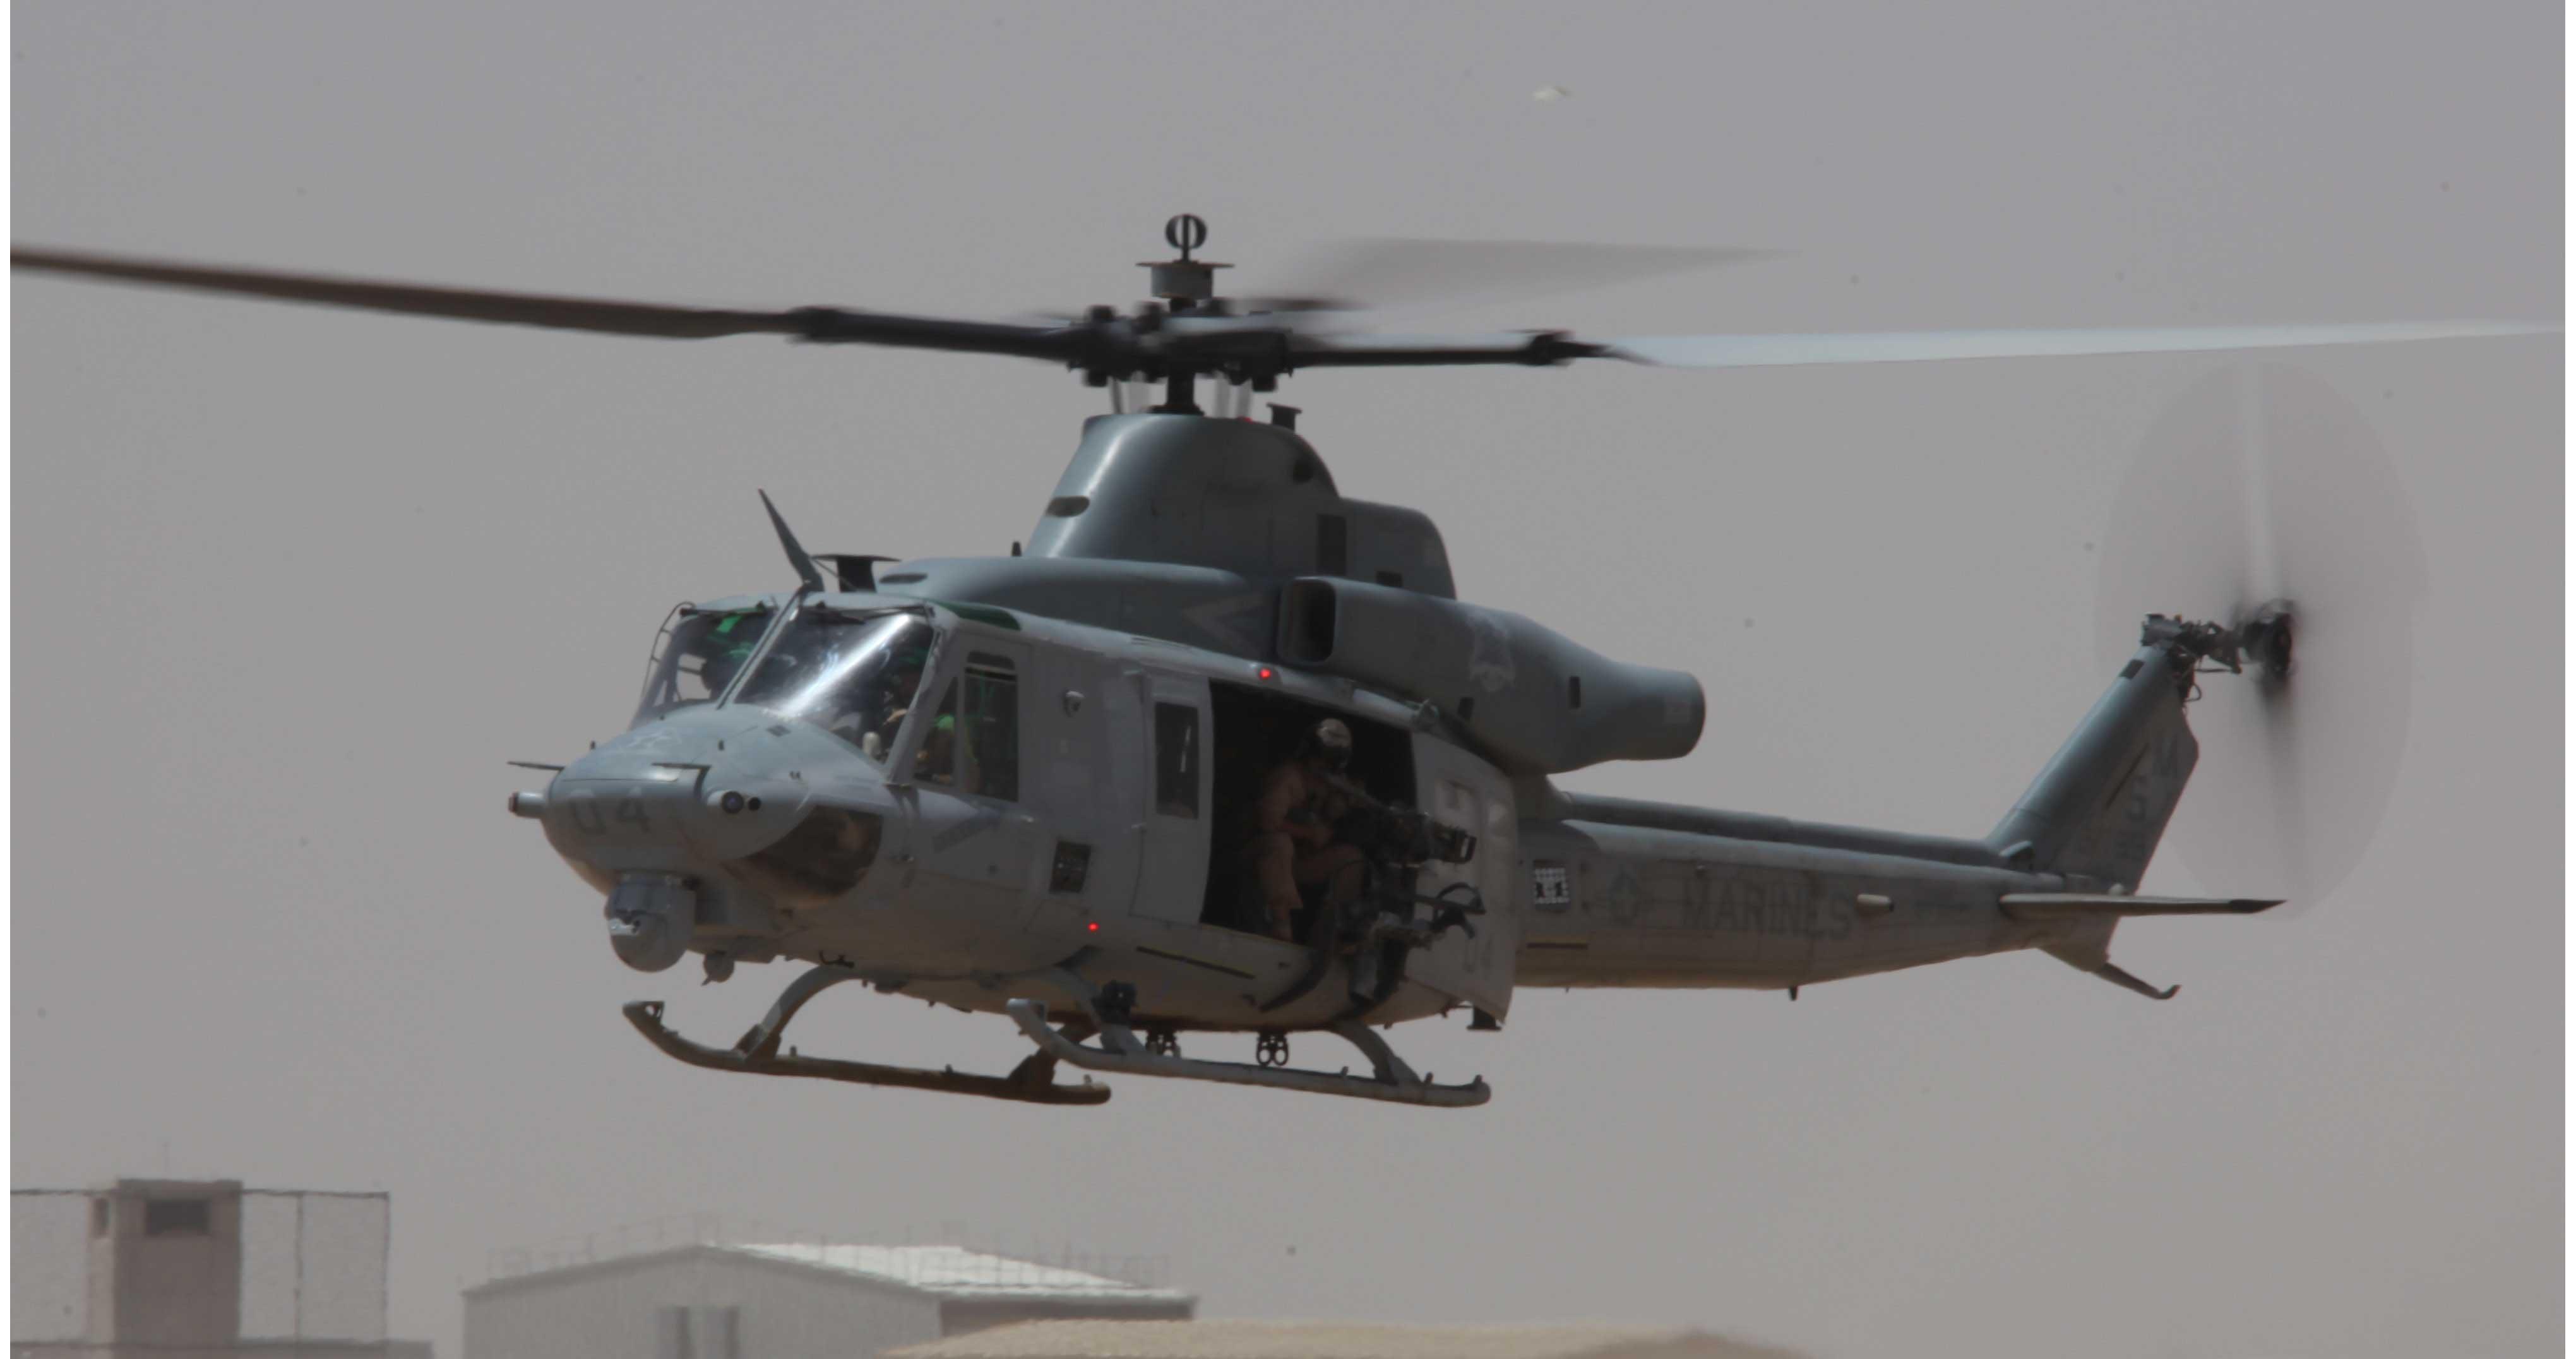 UH-1Y Venom Helicopter